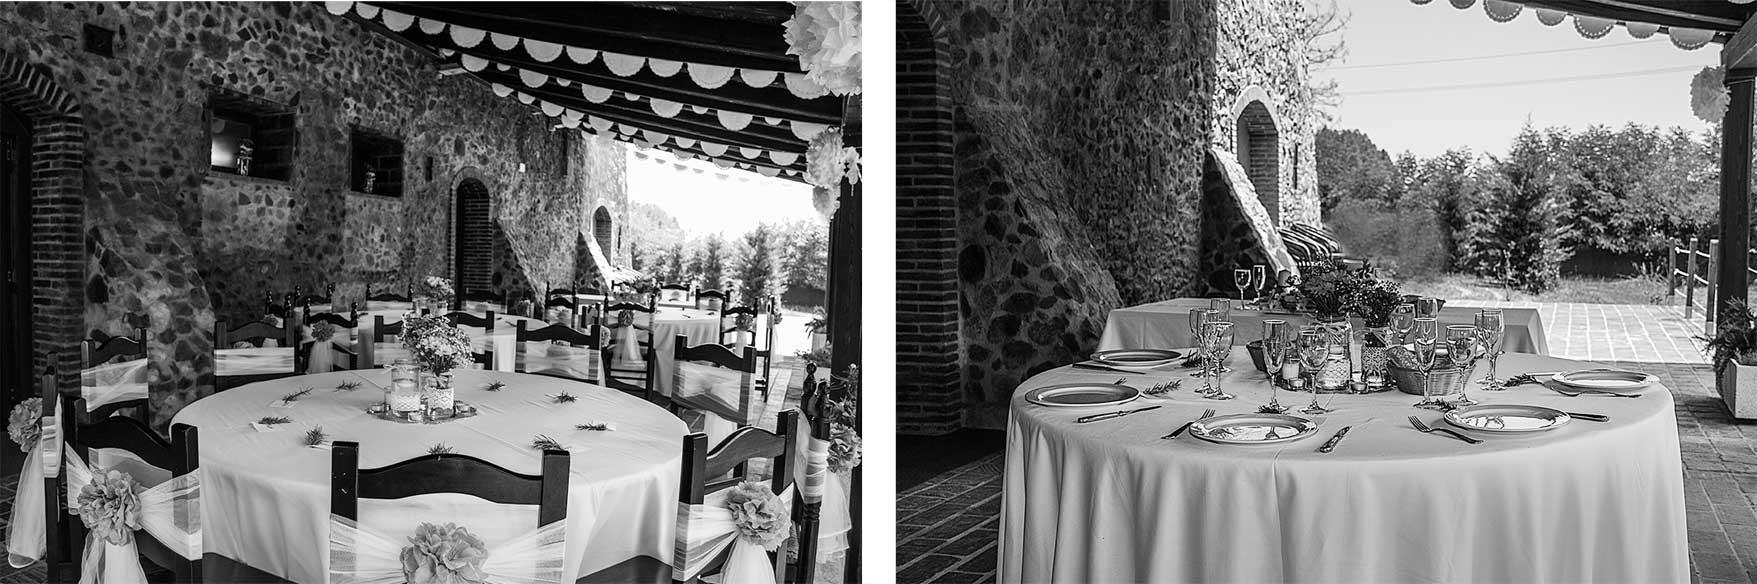 Unas bodas de plata con mucho estilo